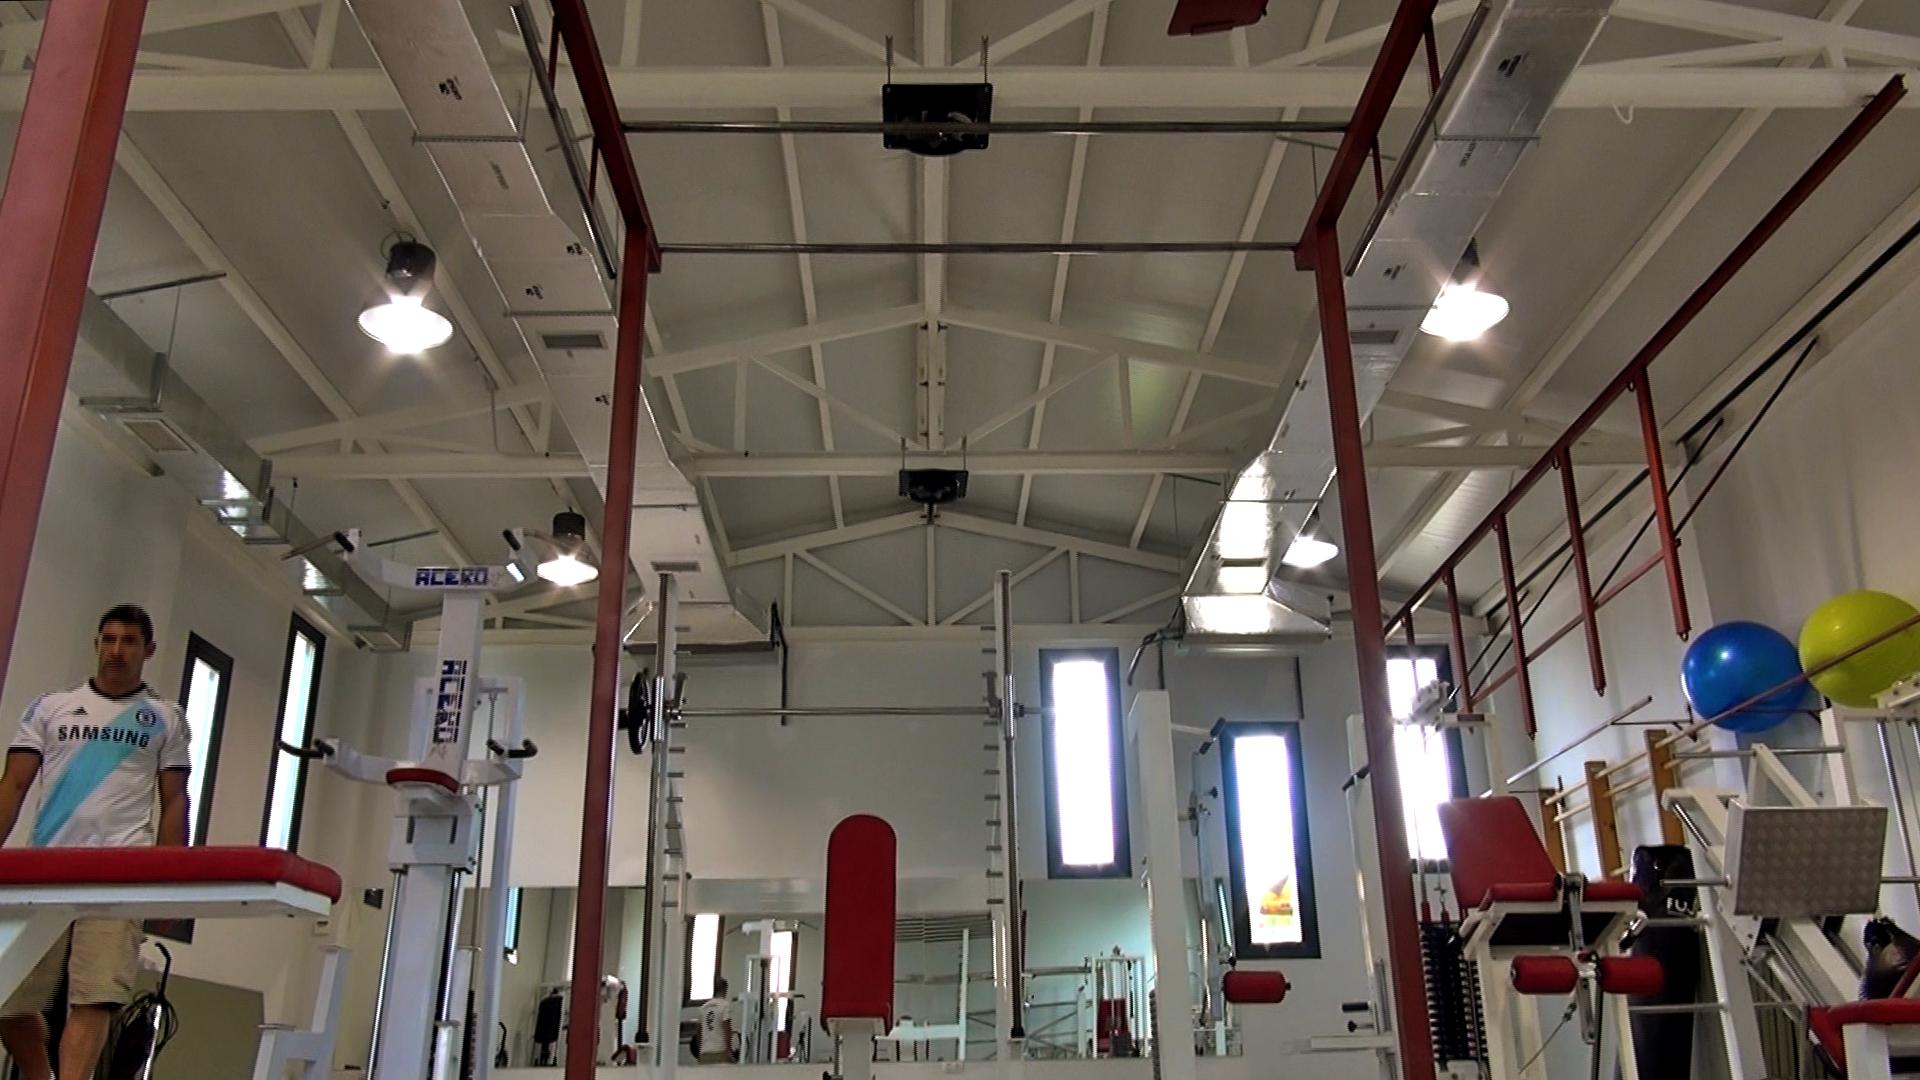 Instalación de aire acondicionado en un gimnasio